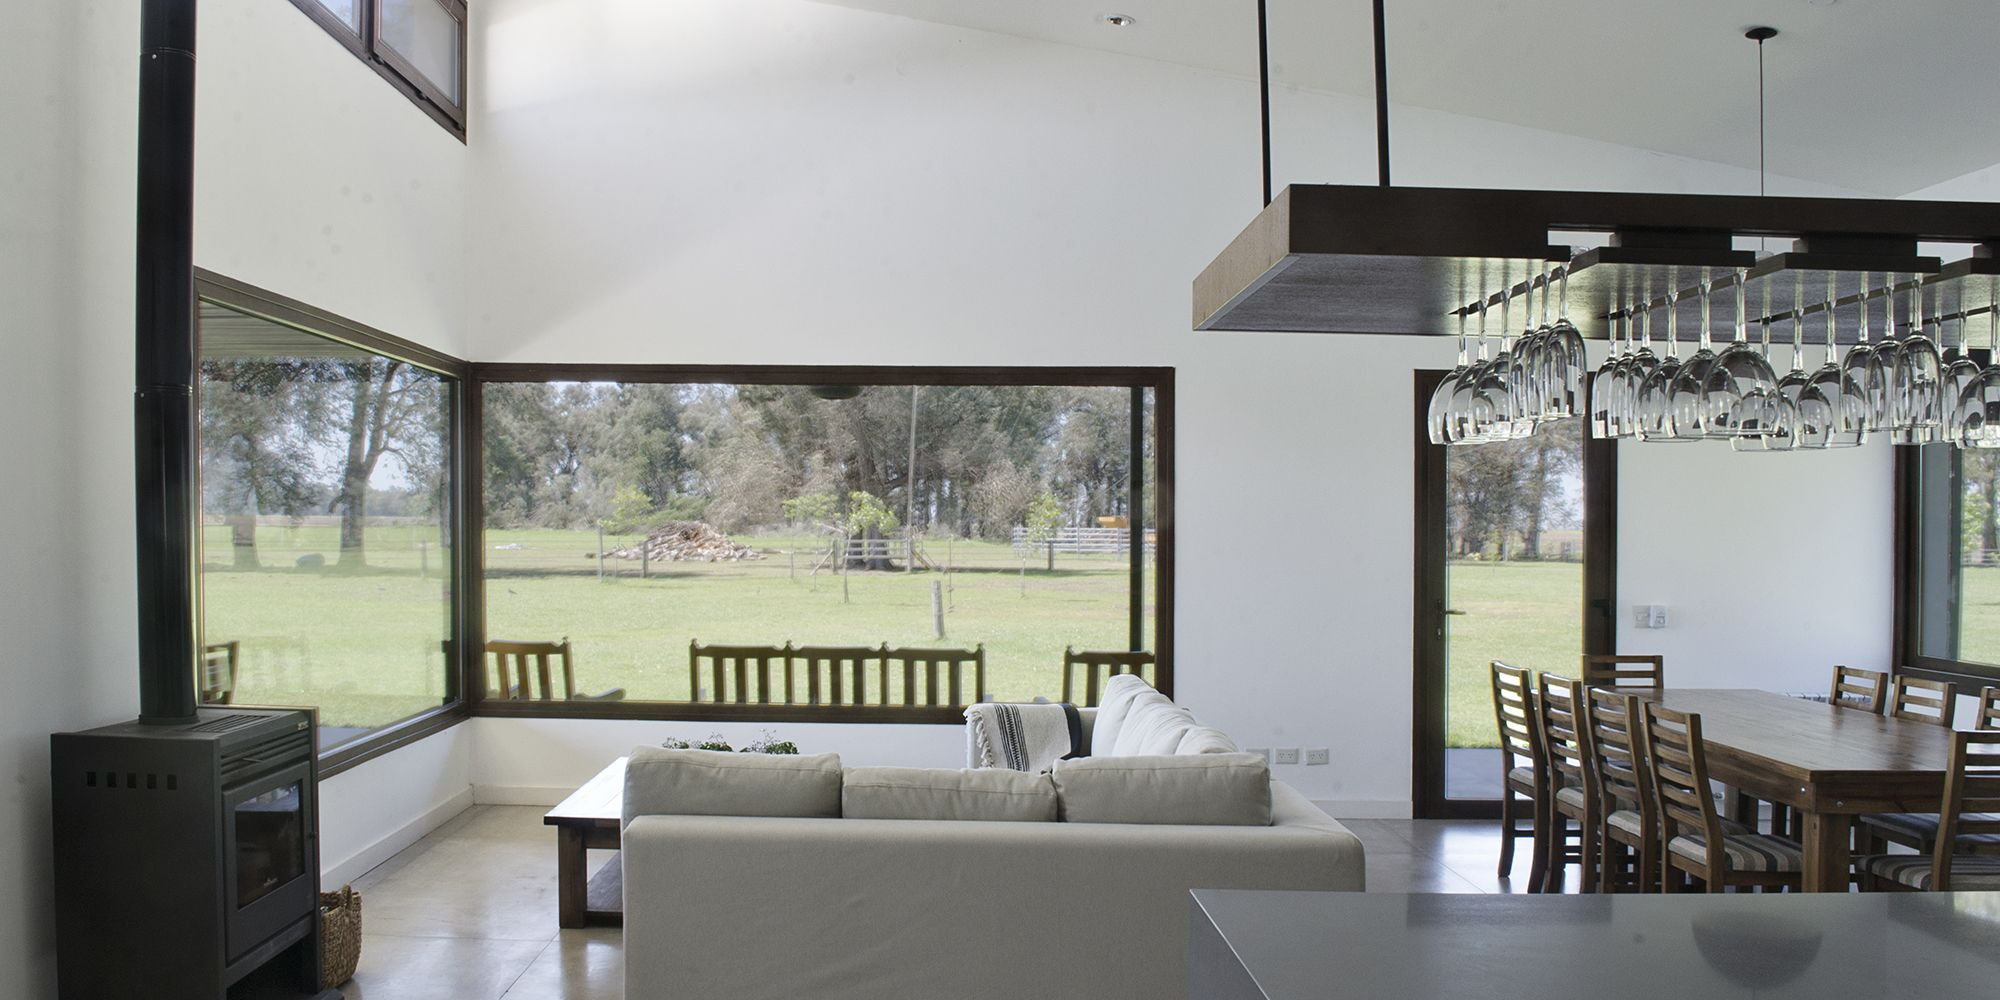 Casa CL Living comedor y cocina integrados  cocina